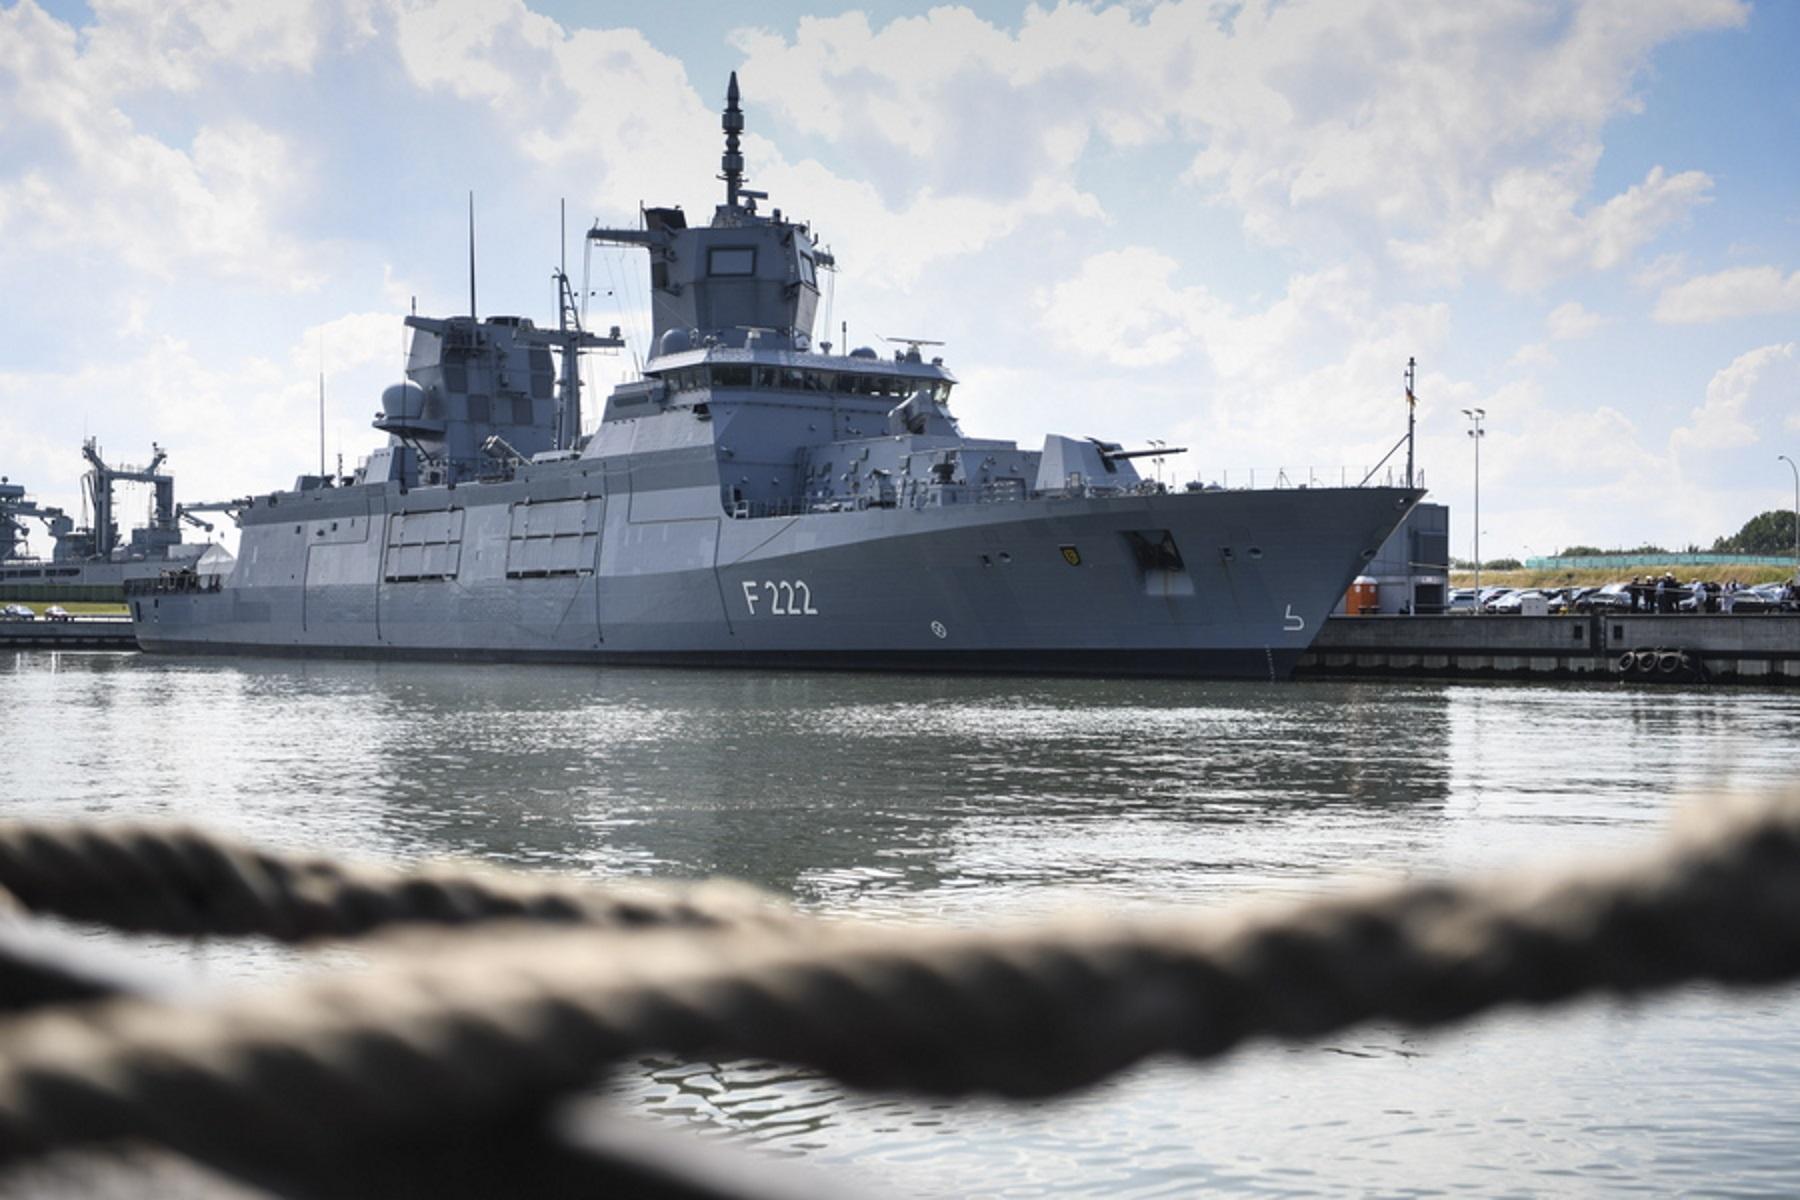 Σύμβουλος Ταγίπ Ερντογάν: Αιτία πολέμου ο εξοπλισμός των ελληνικών νησιών του Αιγαίου